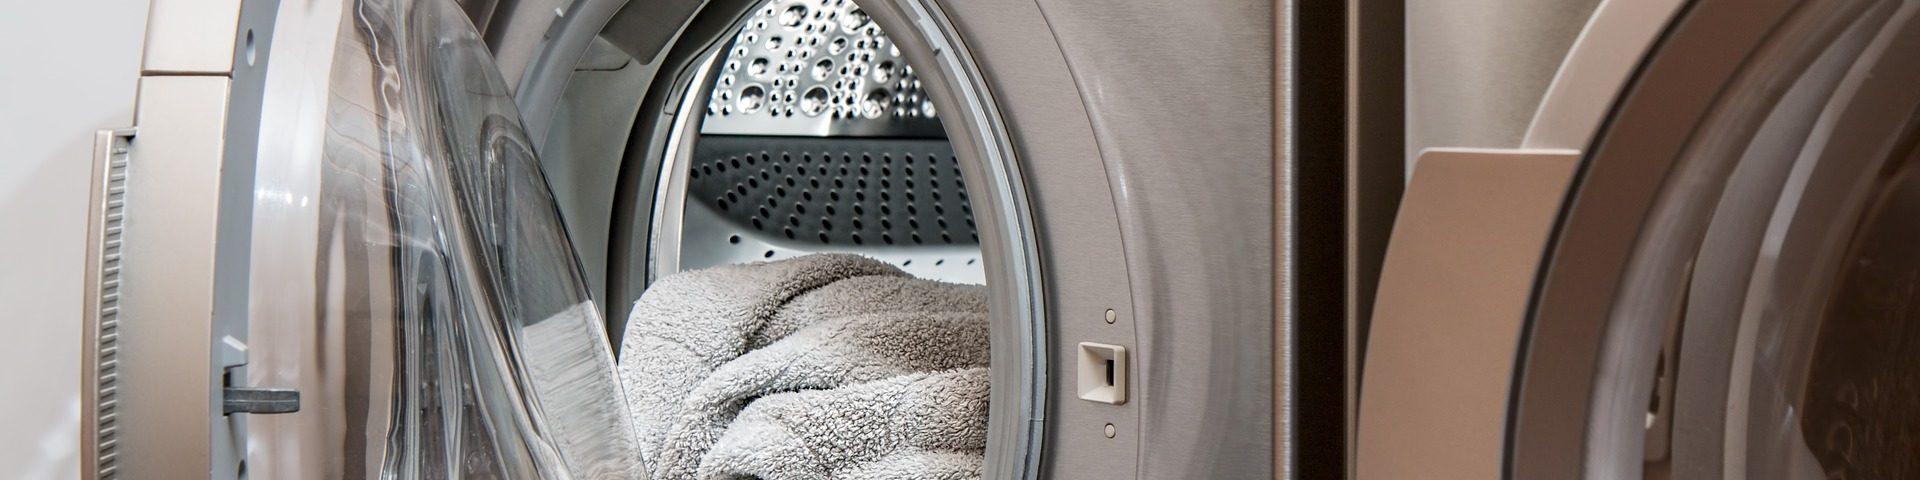 Geöffnete Waschmaschine aus der Handtücher herausragen.